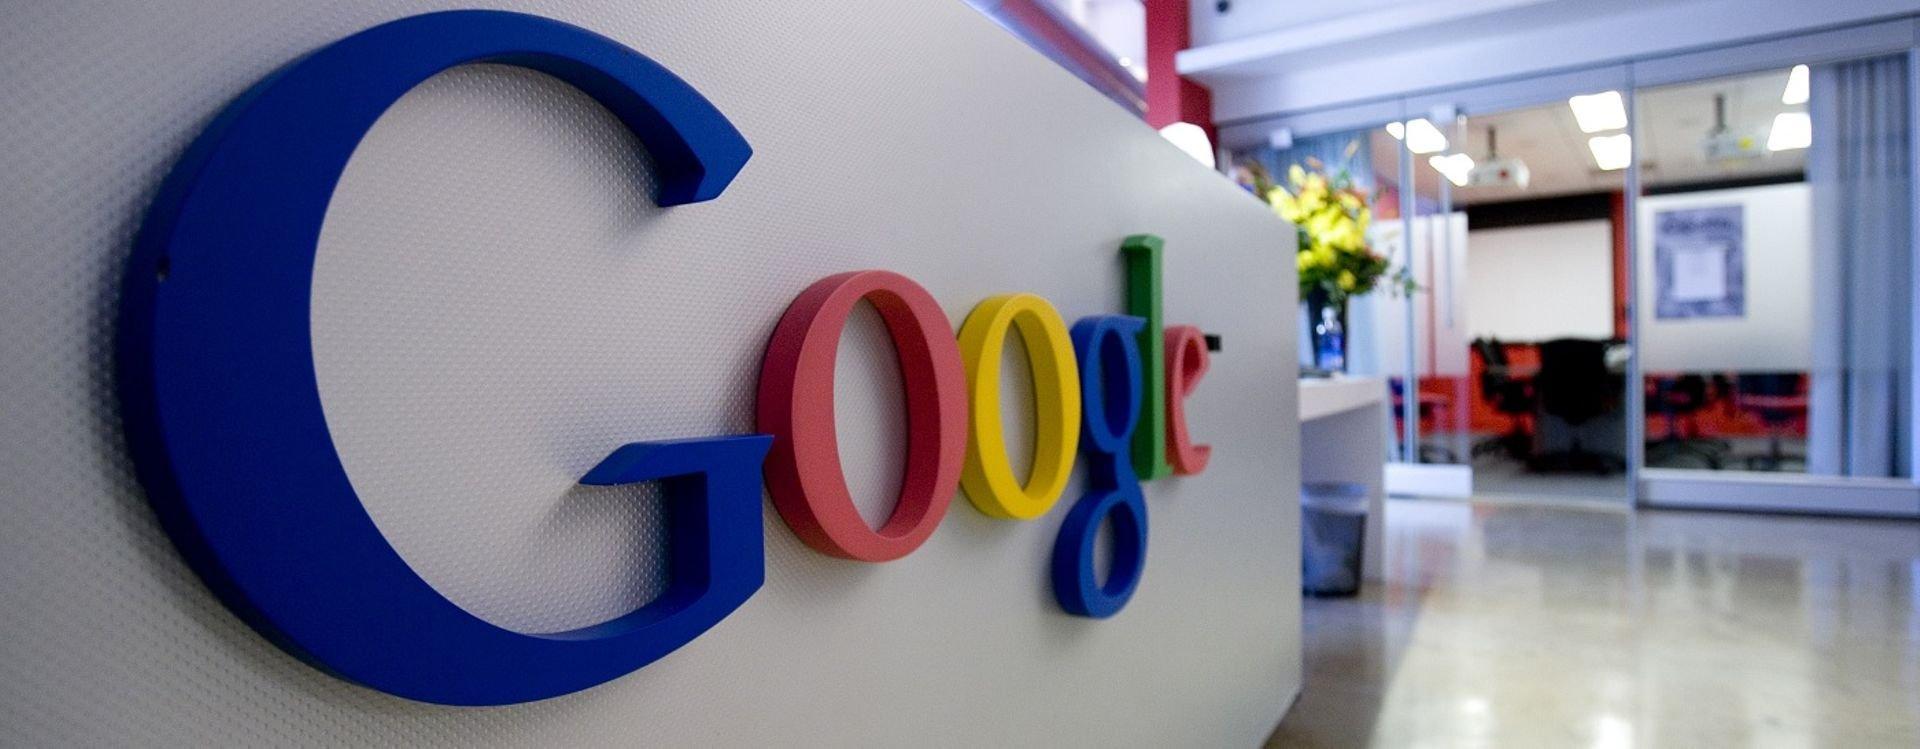 شركة غوغل تواصل إبداعاتها في عالم الذكاء الاصطناعي.